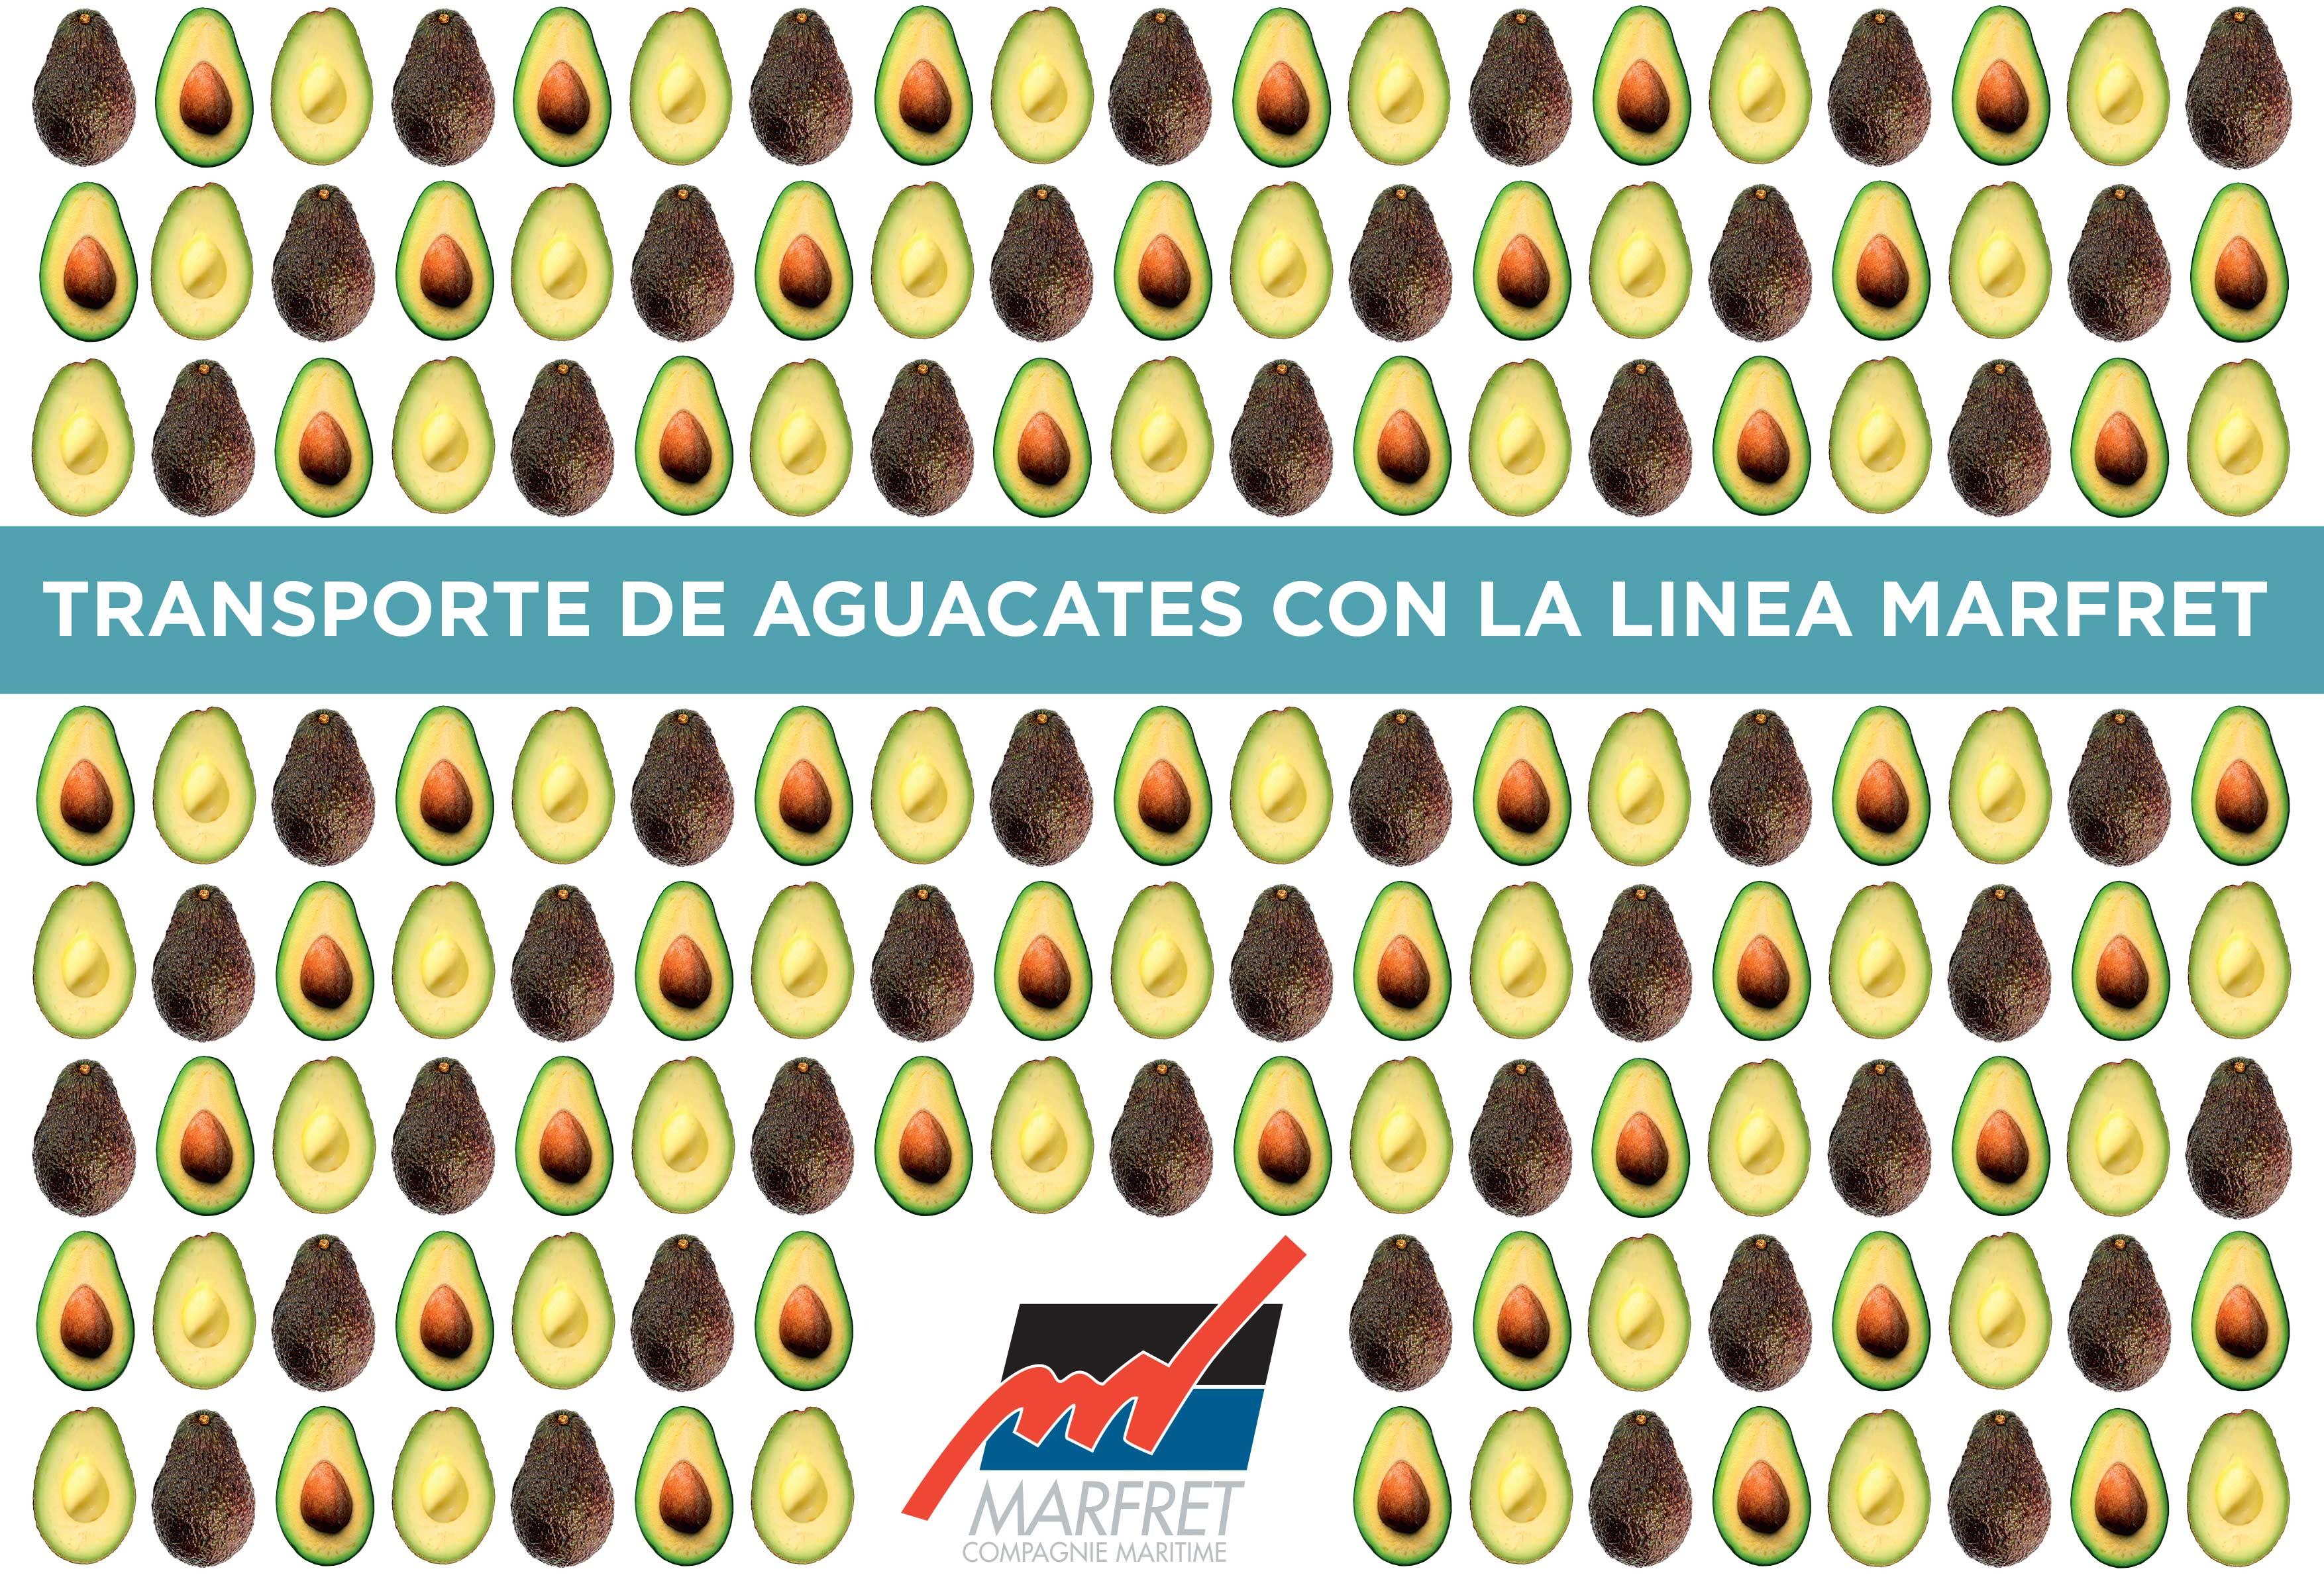 Arrivée à maturité, la ligne MedCar séduit les exportateurs de fruits sud-américains